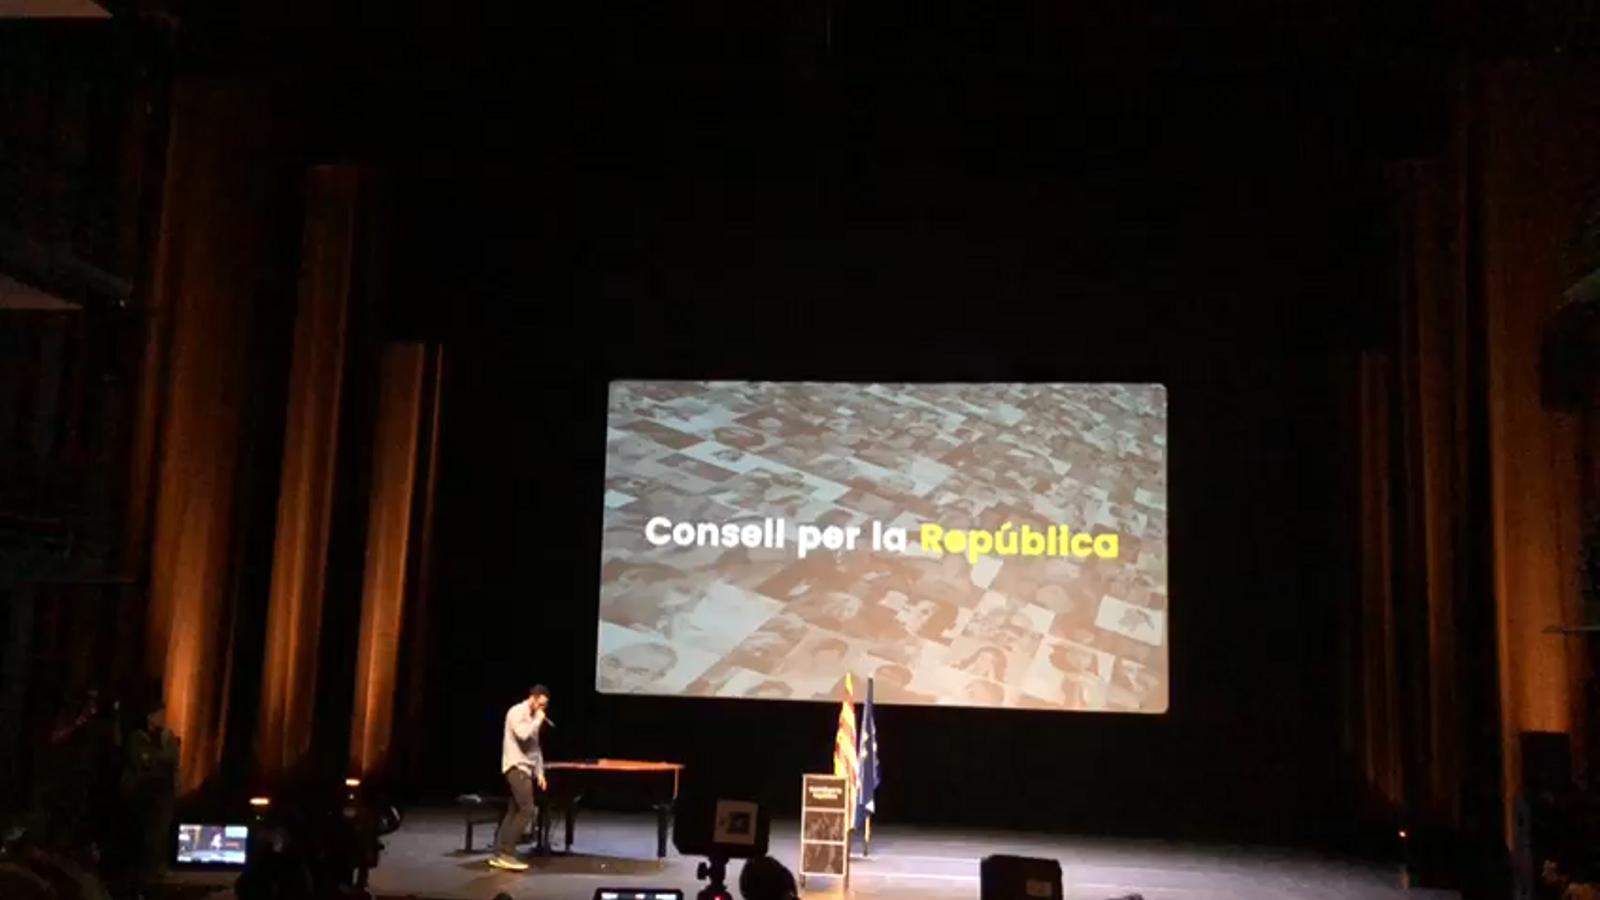 El rap de Valtonyc en la presentació del Consell per la República